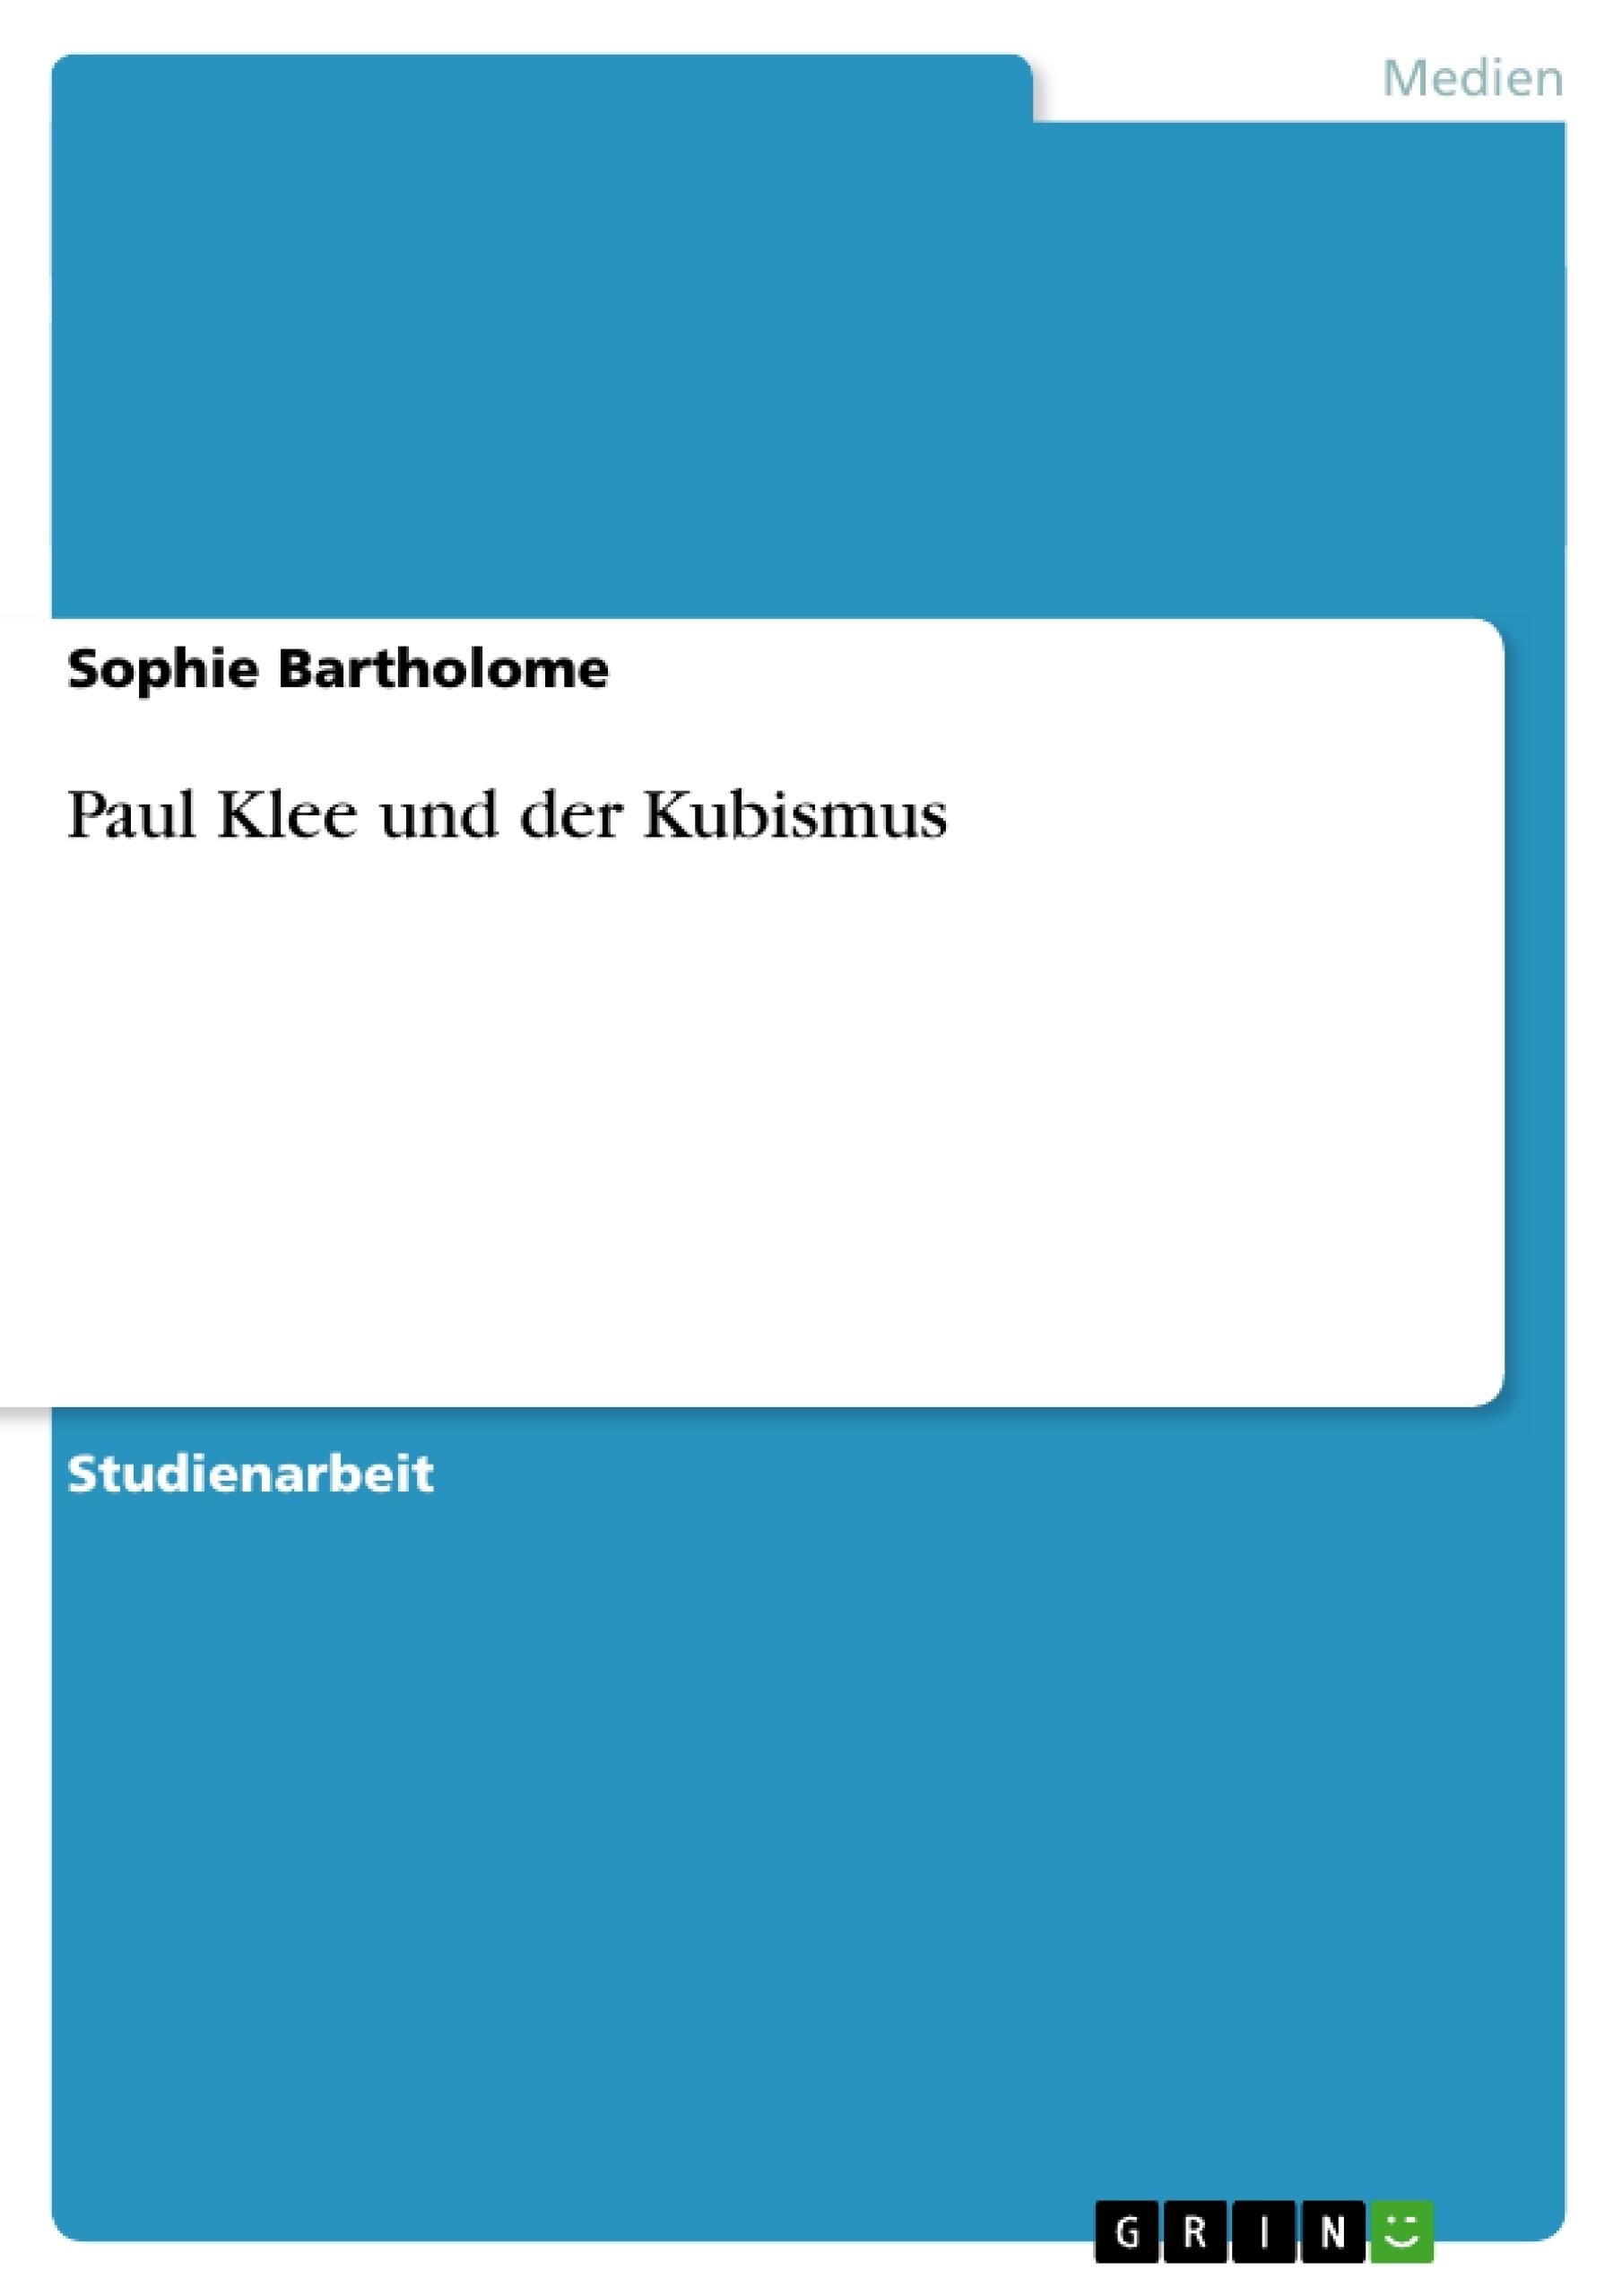 Titel: Paul Klee und der Kubismus